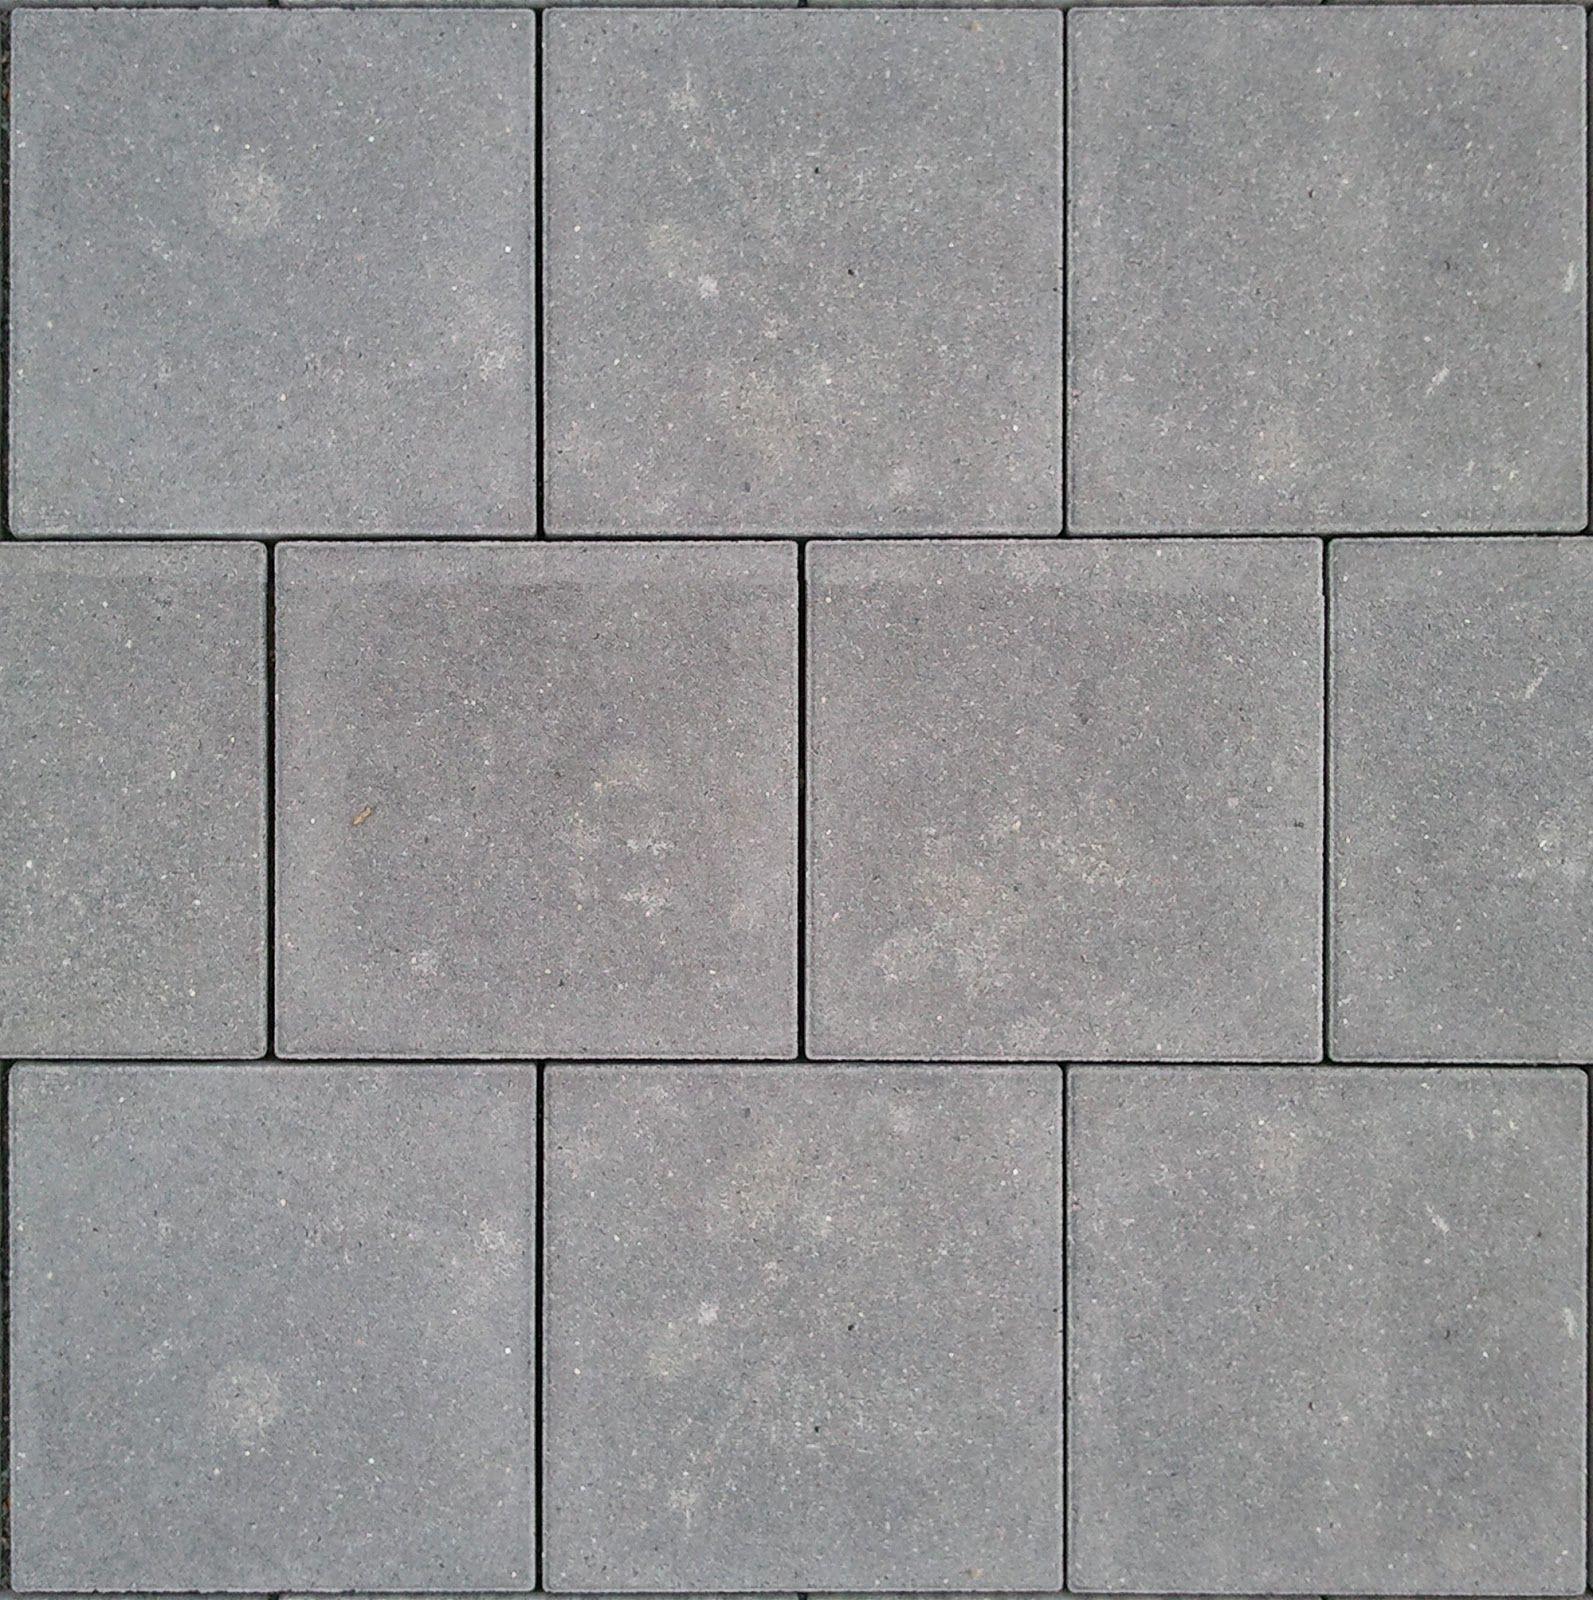 Paving Texture Brick Texture Floor Texture Concrete Texture Ceramic Texture Tiles